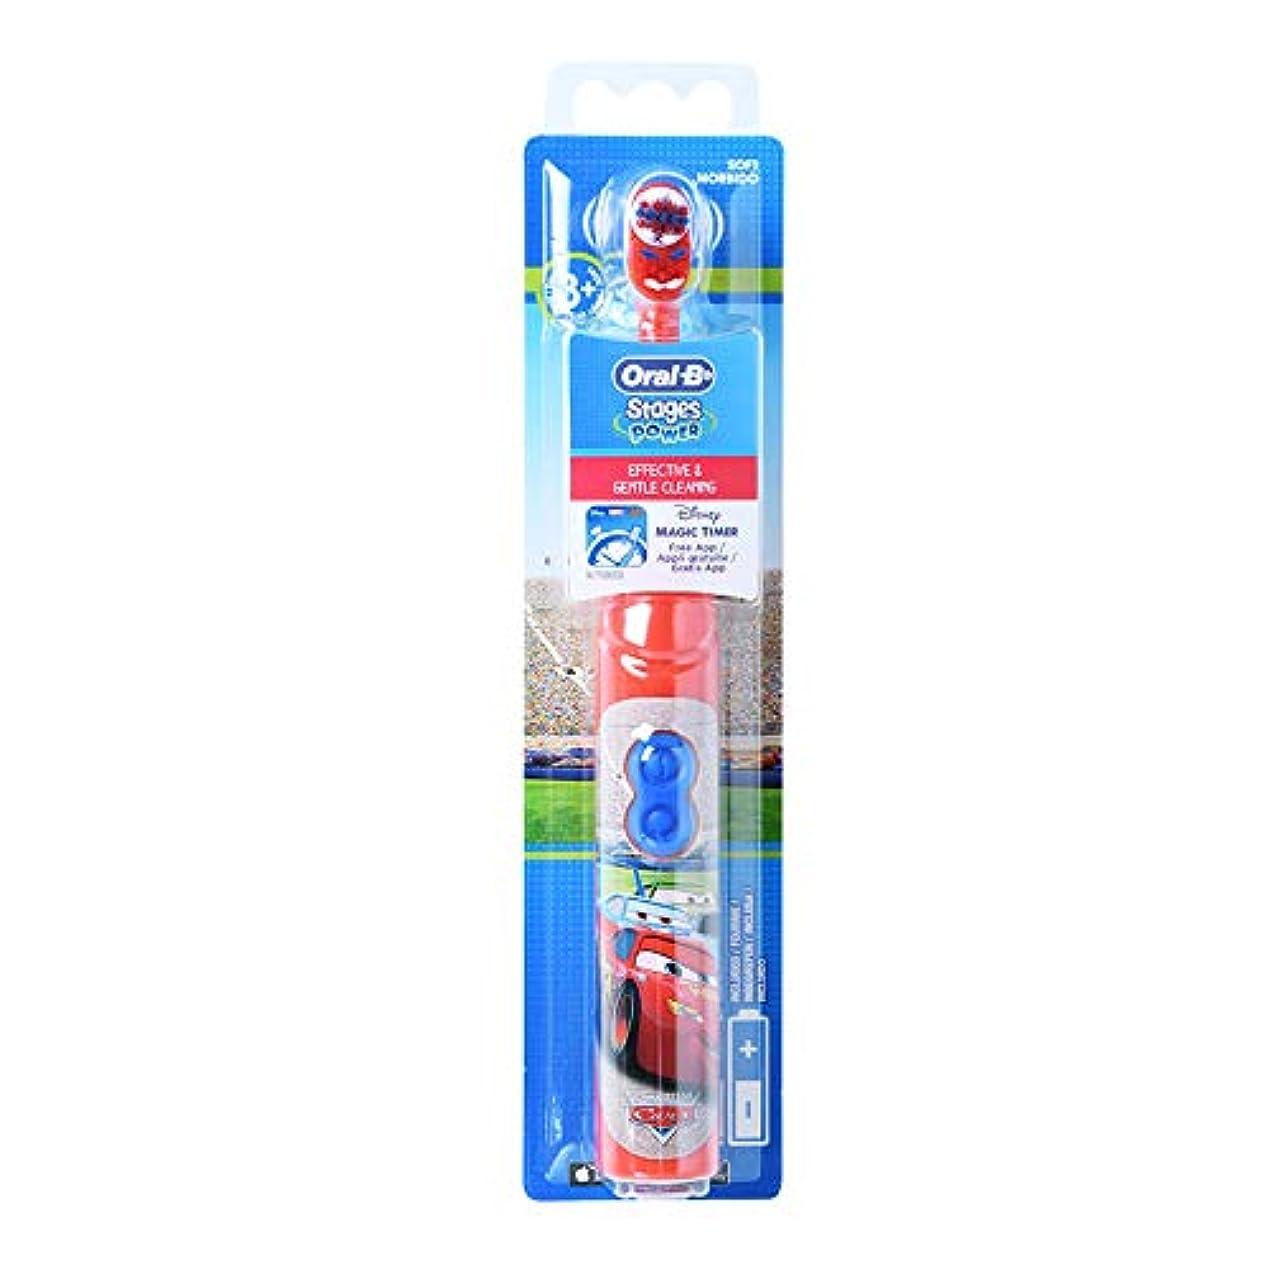 メール不満付録Oral-B DB3010 Stages Power Disney Car 電動歯ブラシ [並行輸入品]